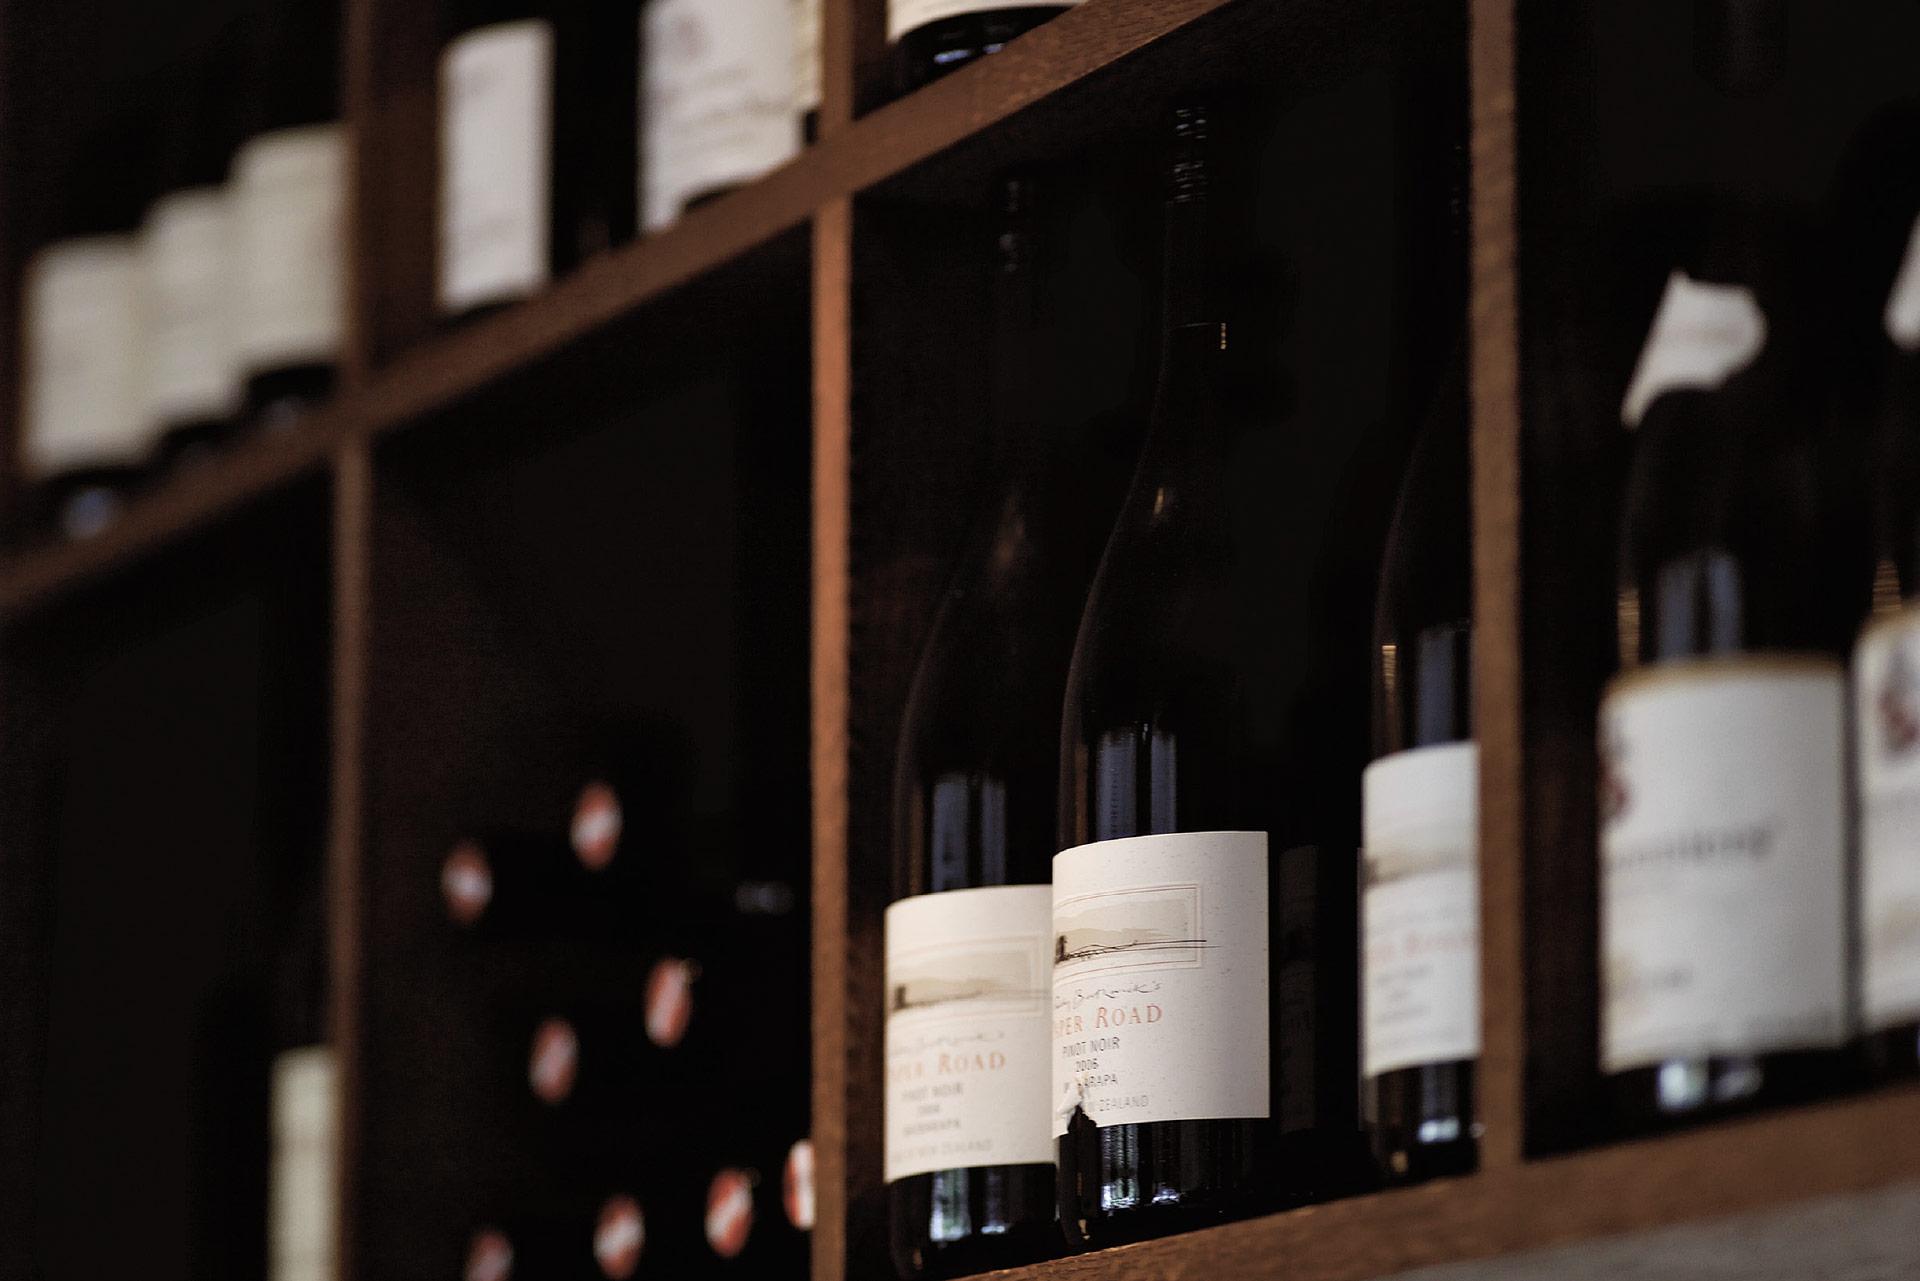 Restaurant Bild Weinlager eingedeckt Bild 4y